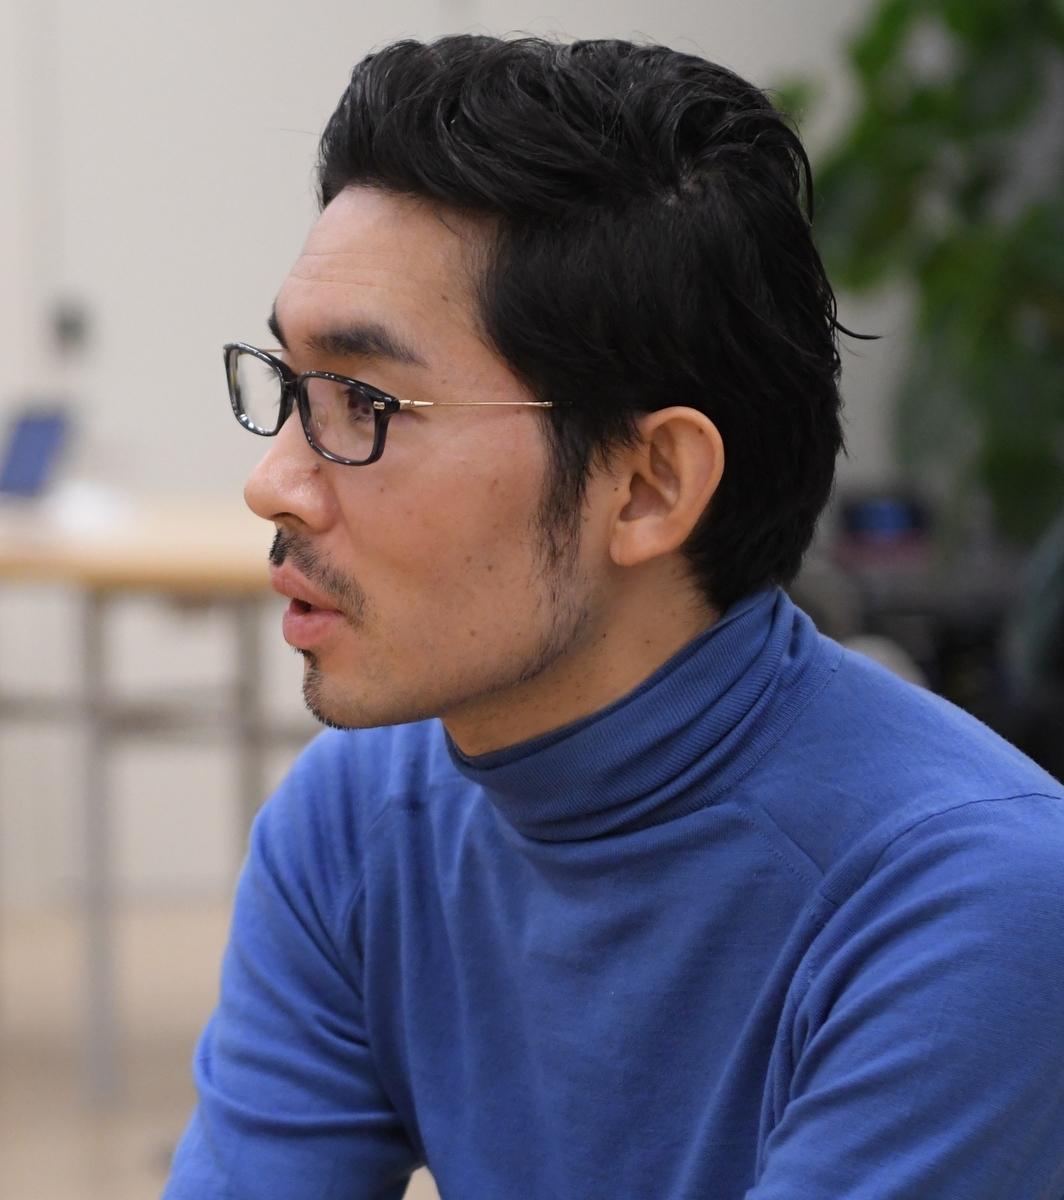 f:id:mediatech_jp:20200108110640j:plain